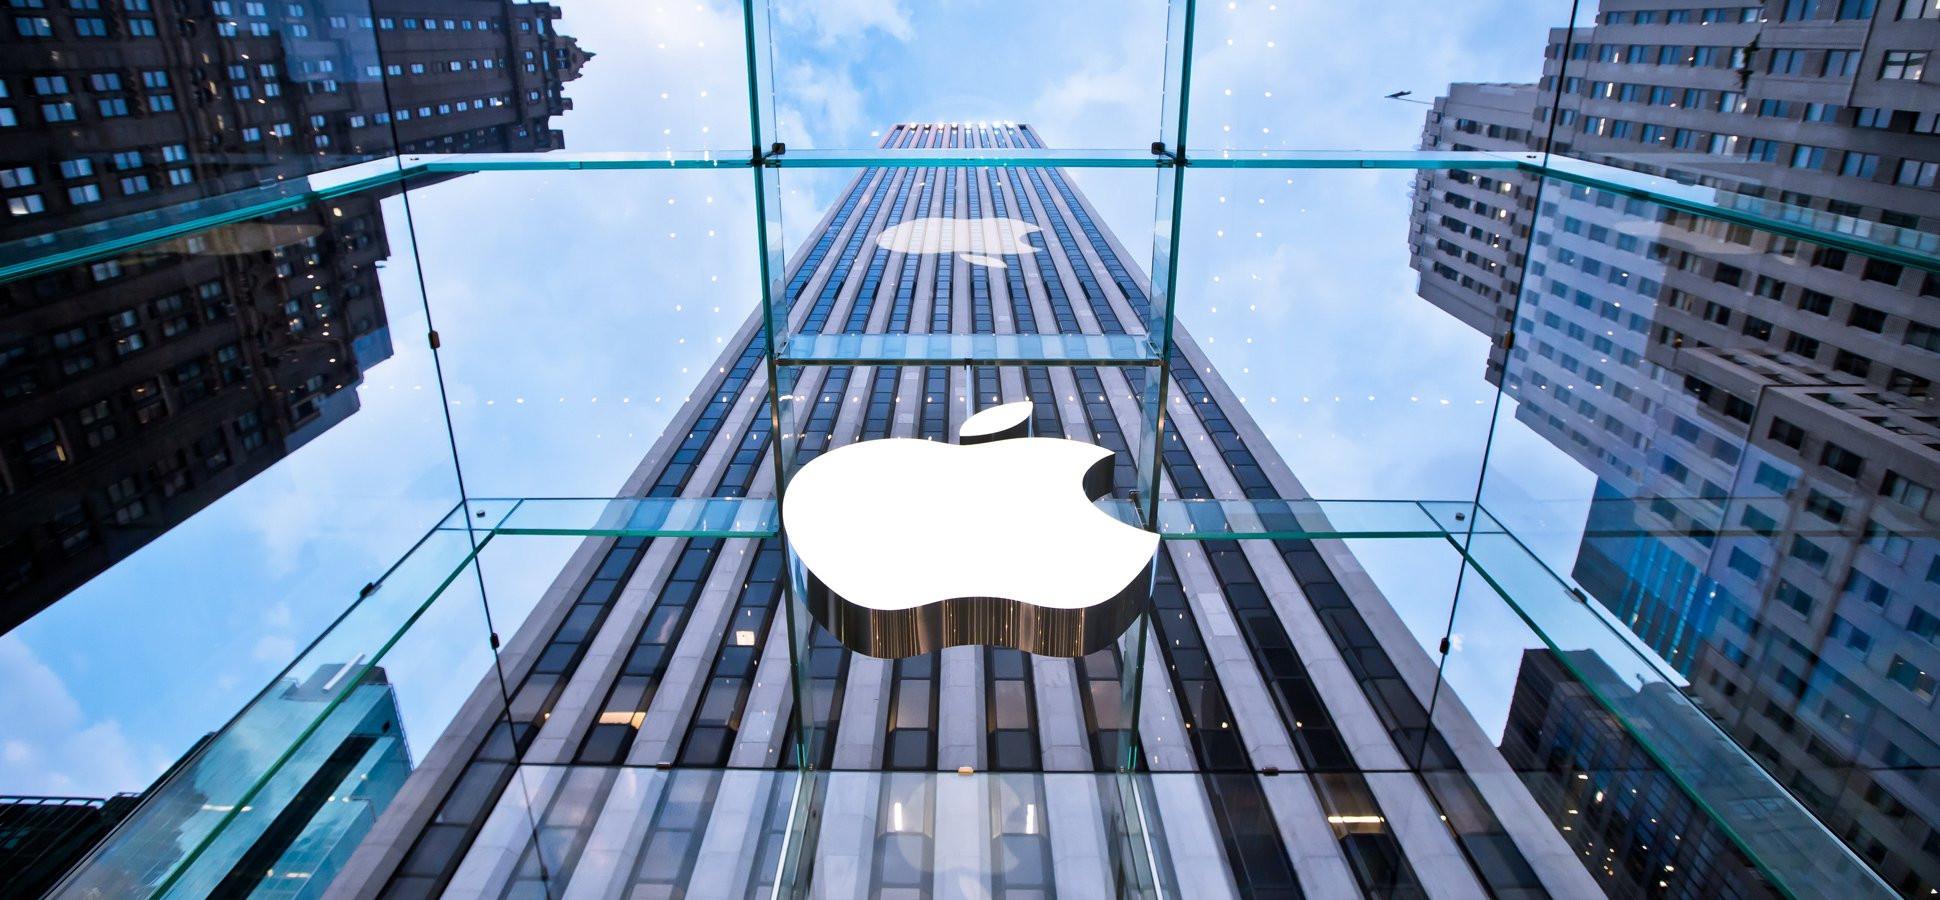 كسبت 172 مليار دولار بيوم واحد: آبل تتخطى أرامكو لتصبح أعلى الشركات المدرجة قيمة